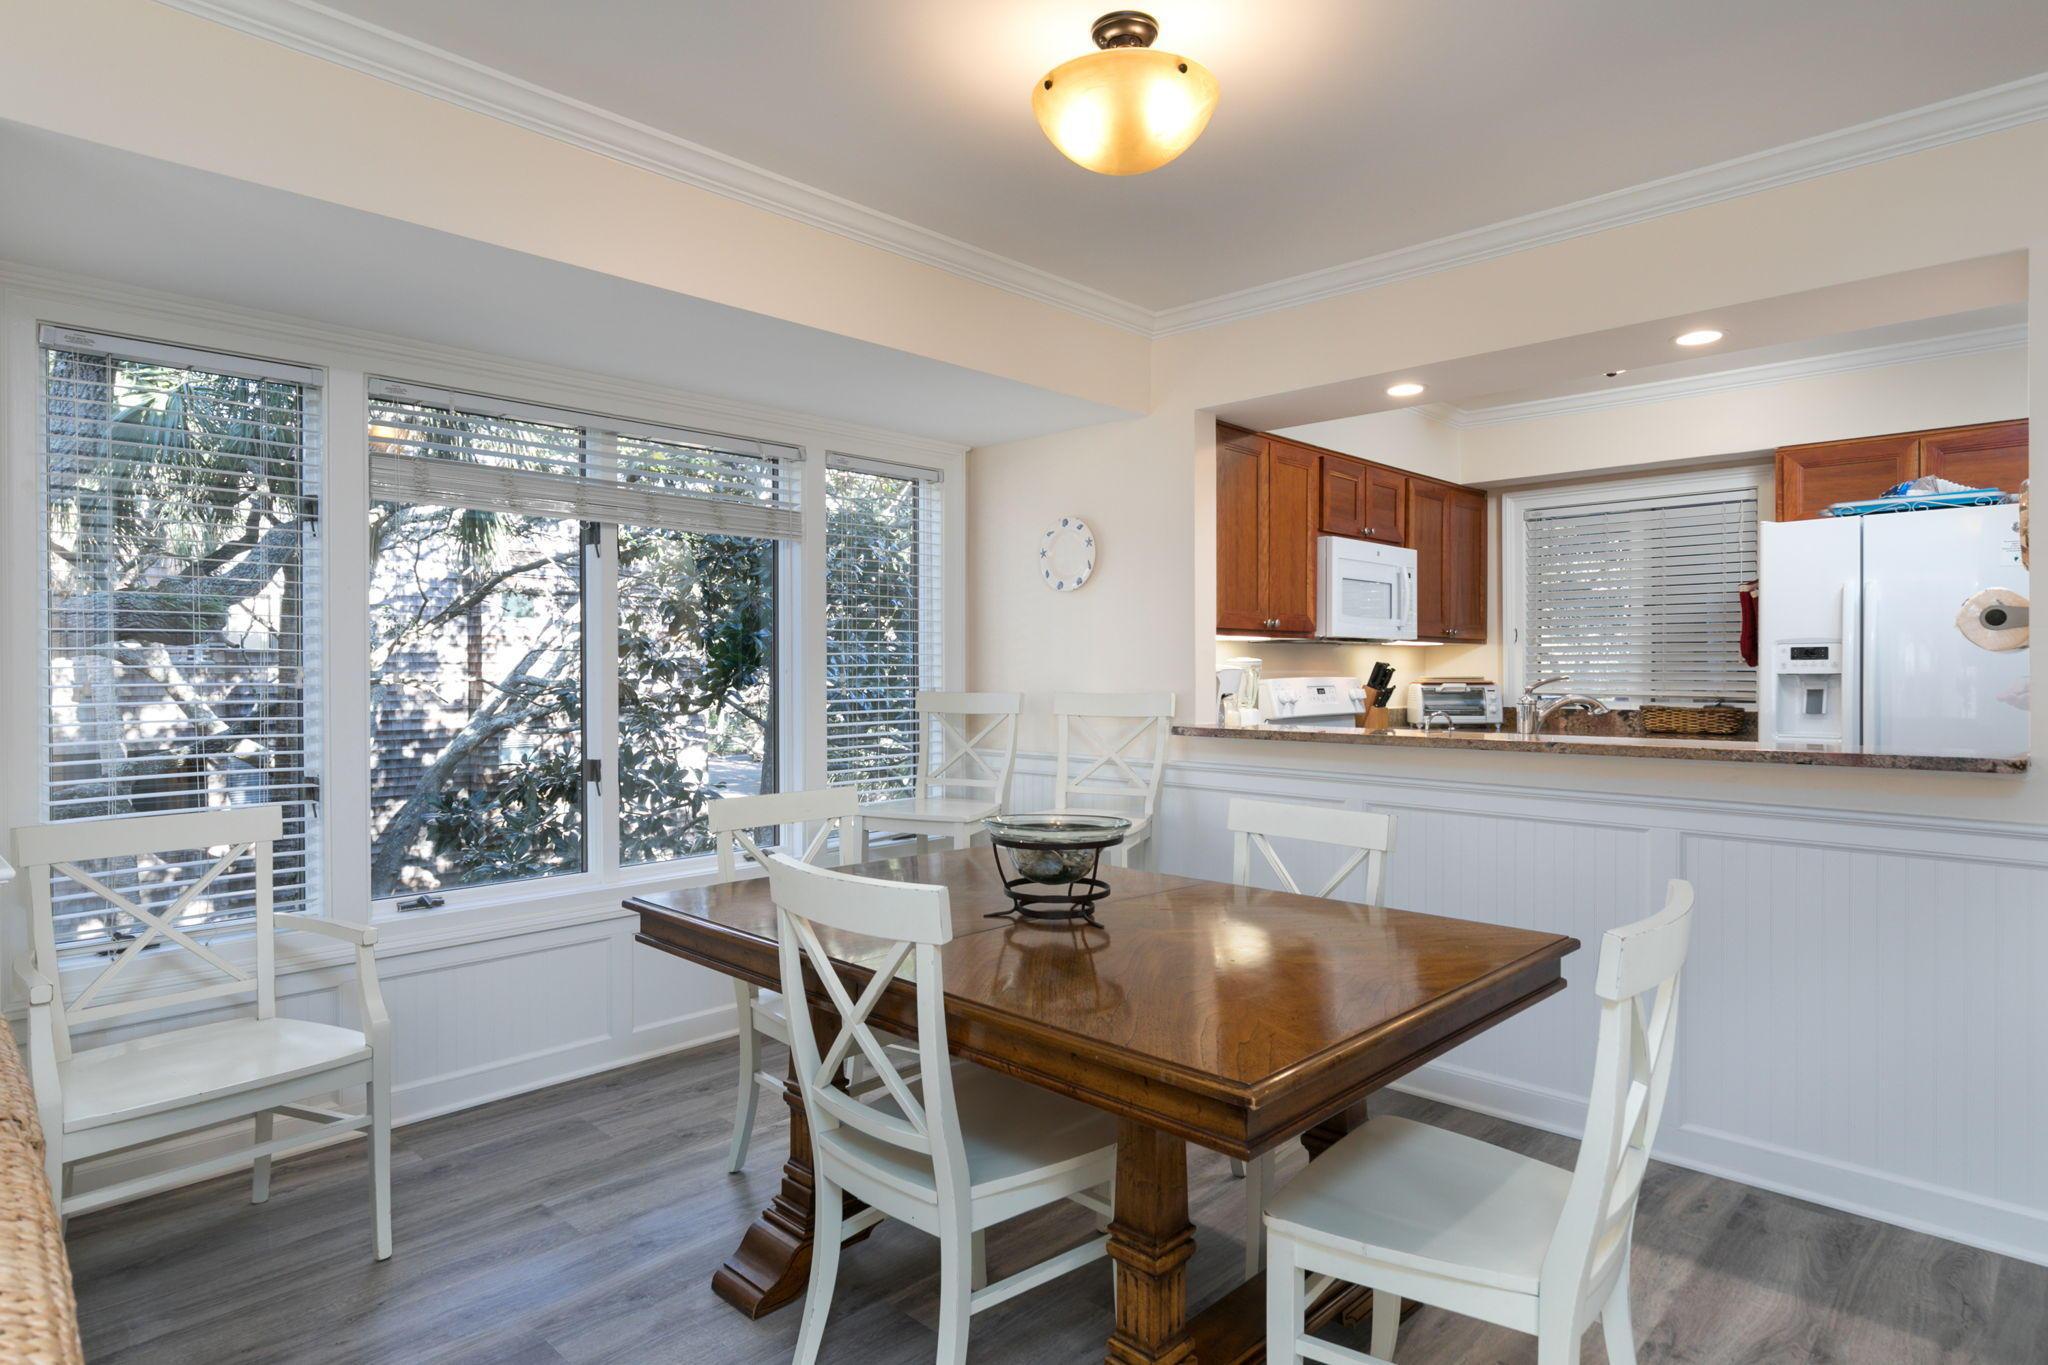 Kiawah Island Homes For Sale - 4416 Sea Forest, Kiawah Island, SC - 28